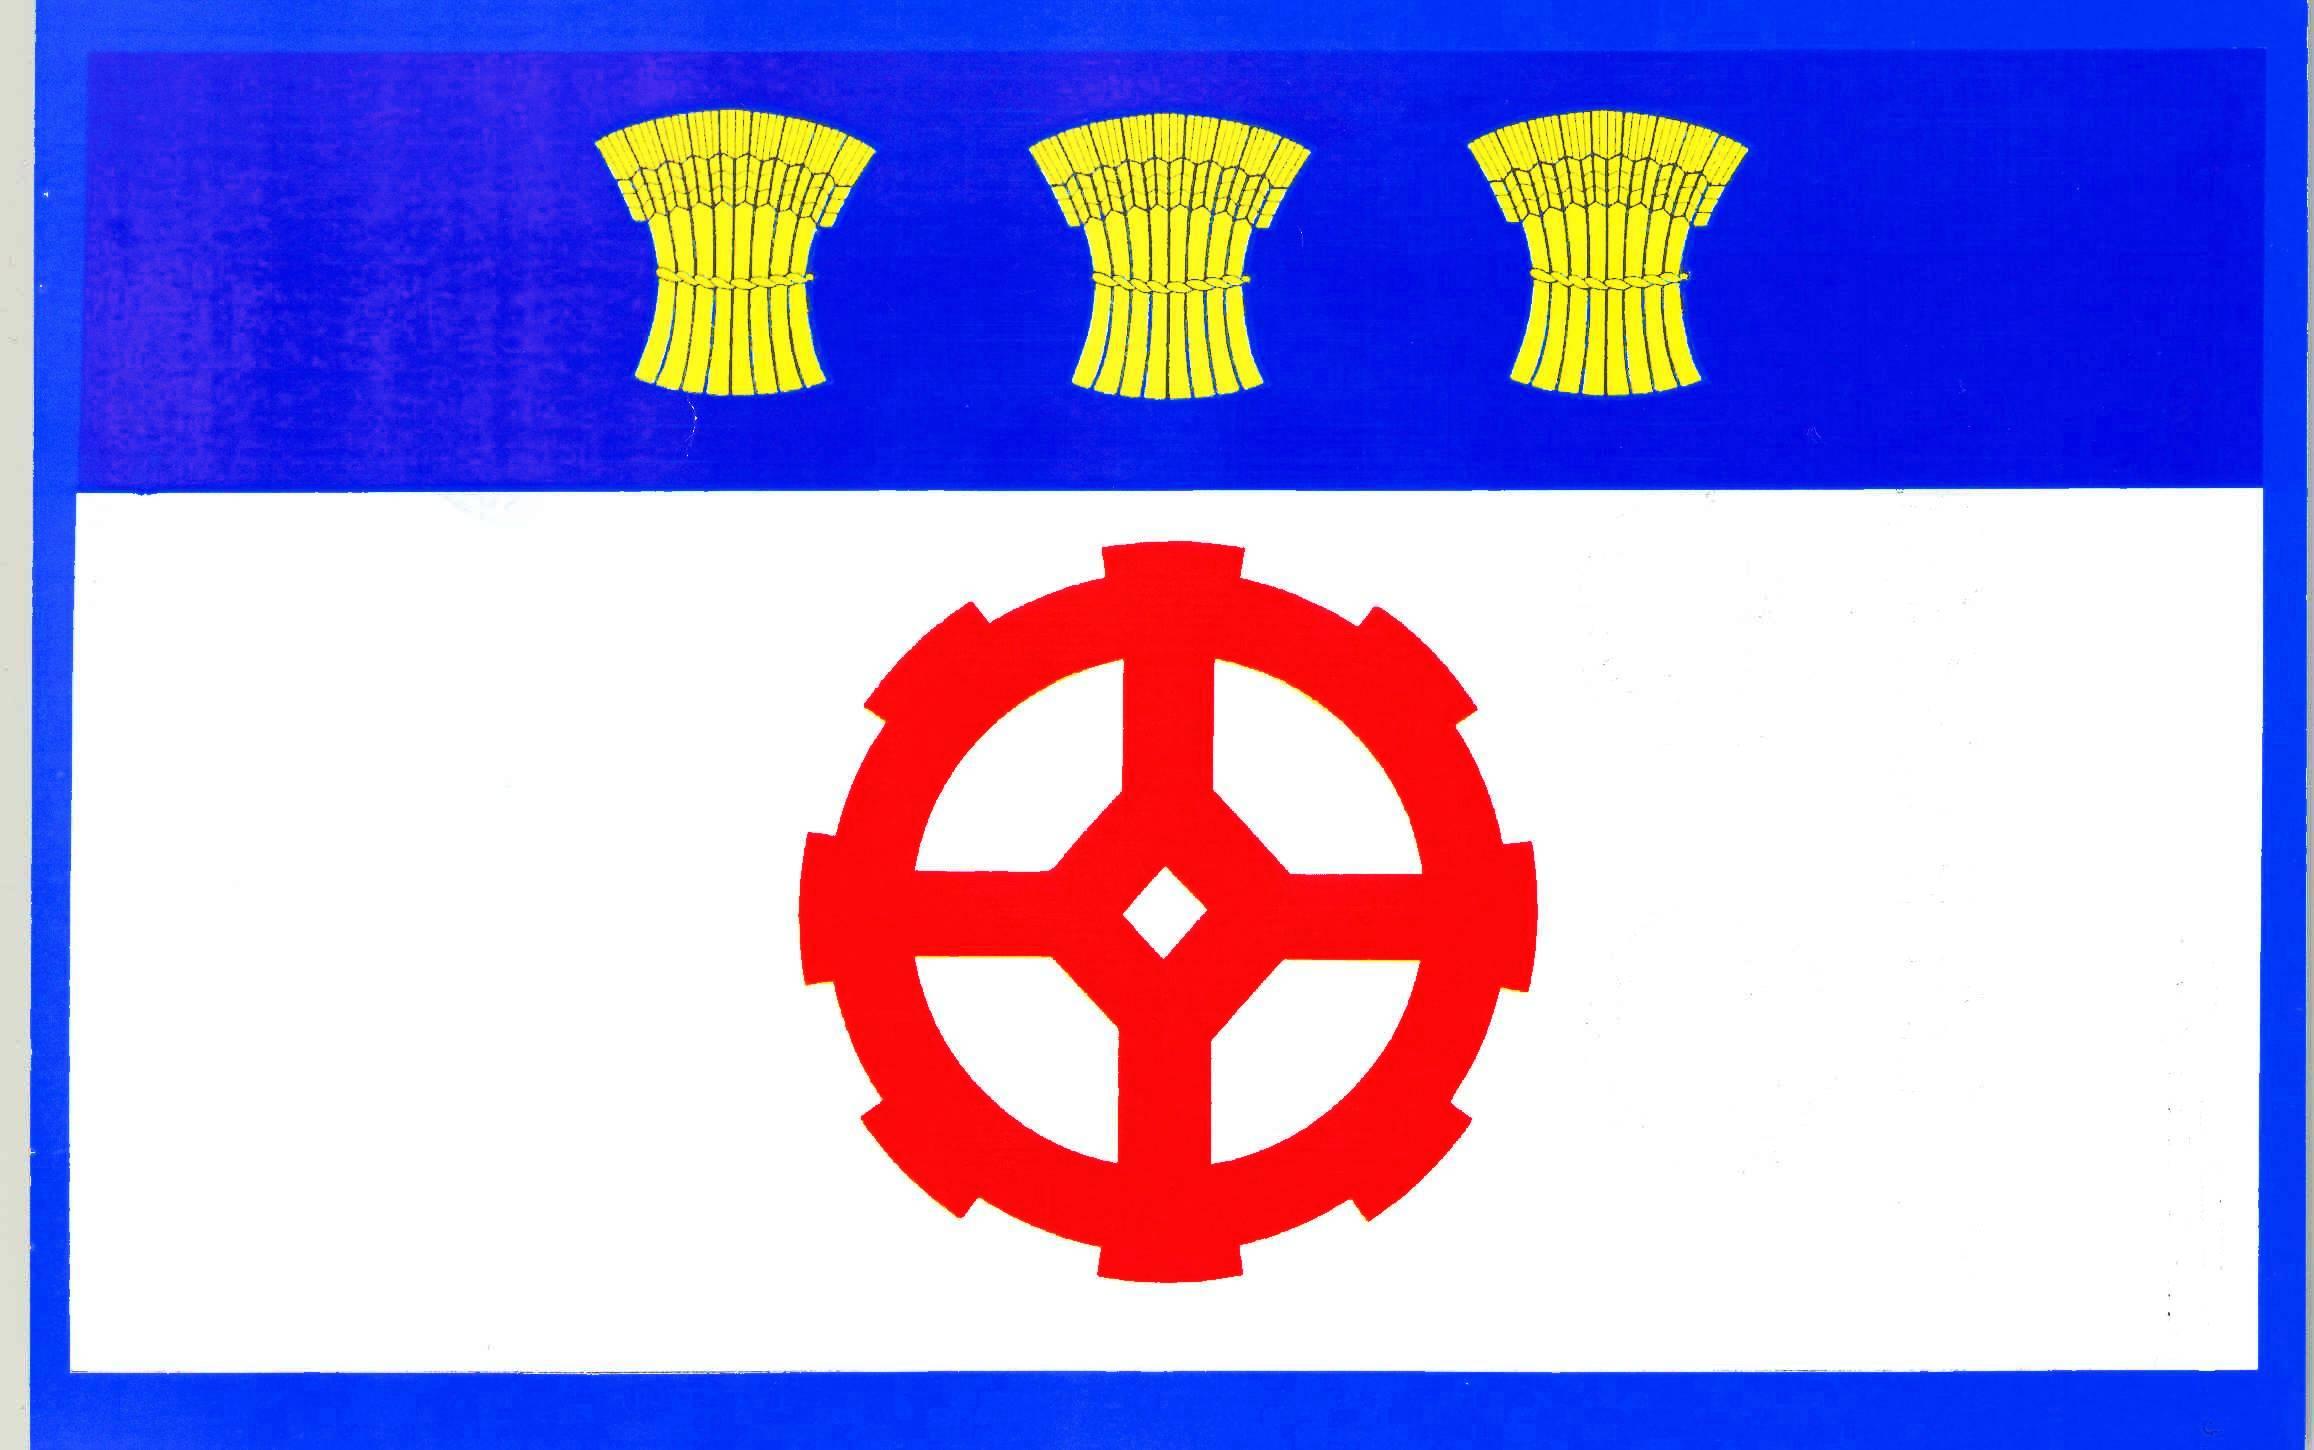 Flagge GemeindePostfeld, Kreis Plön